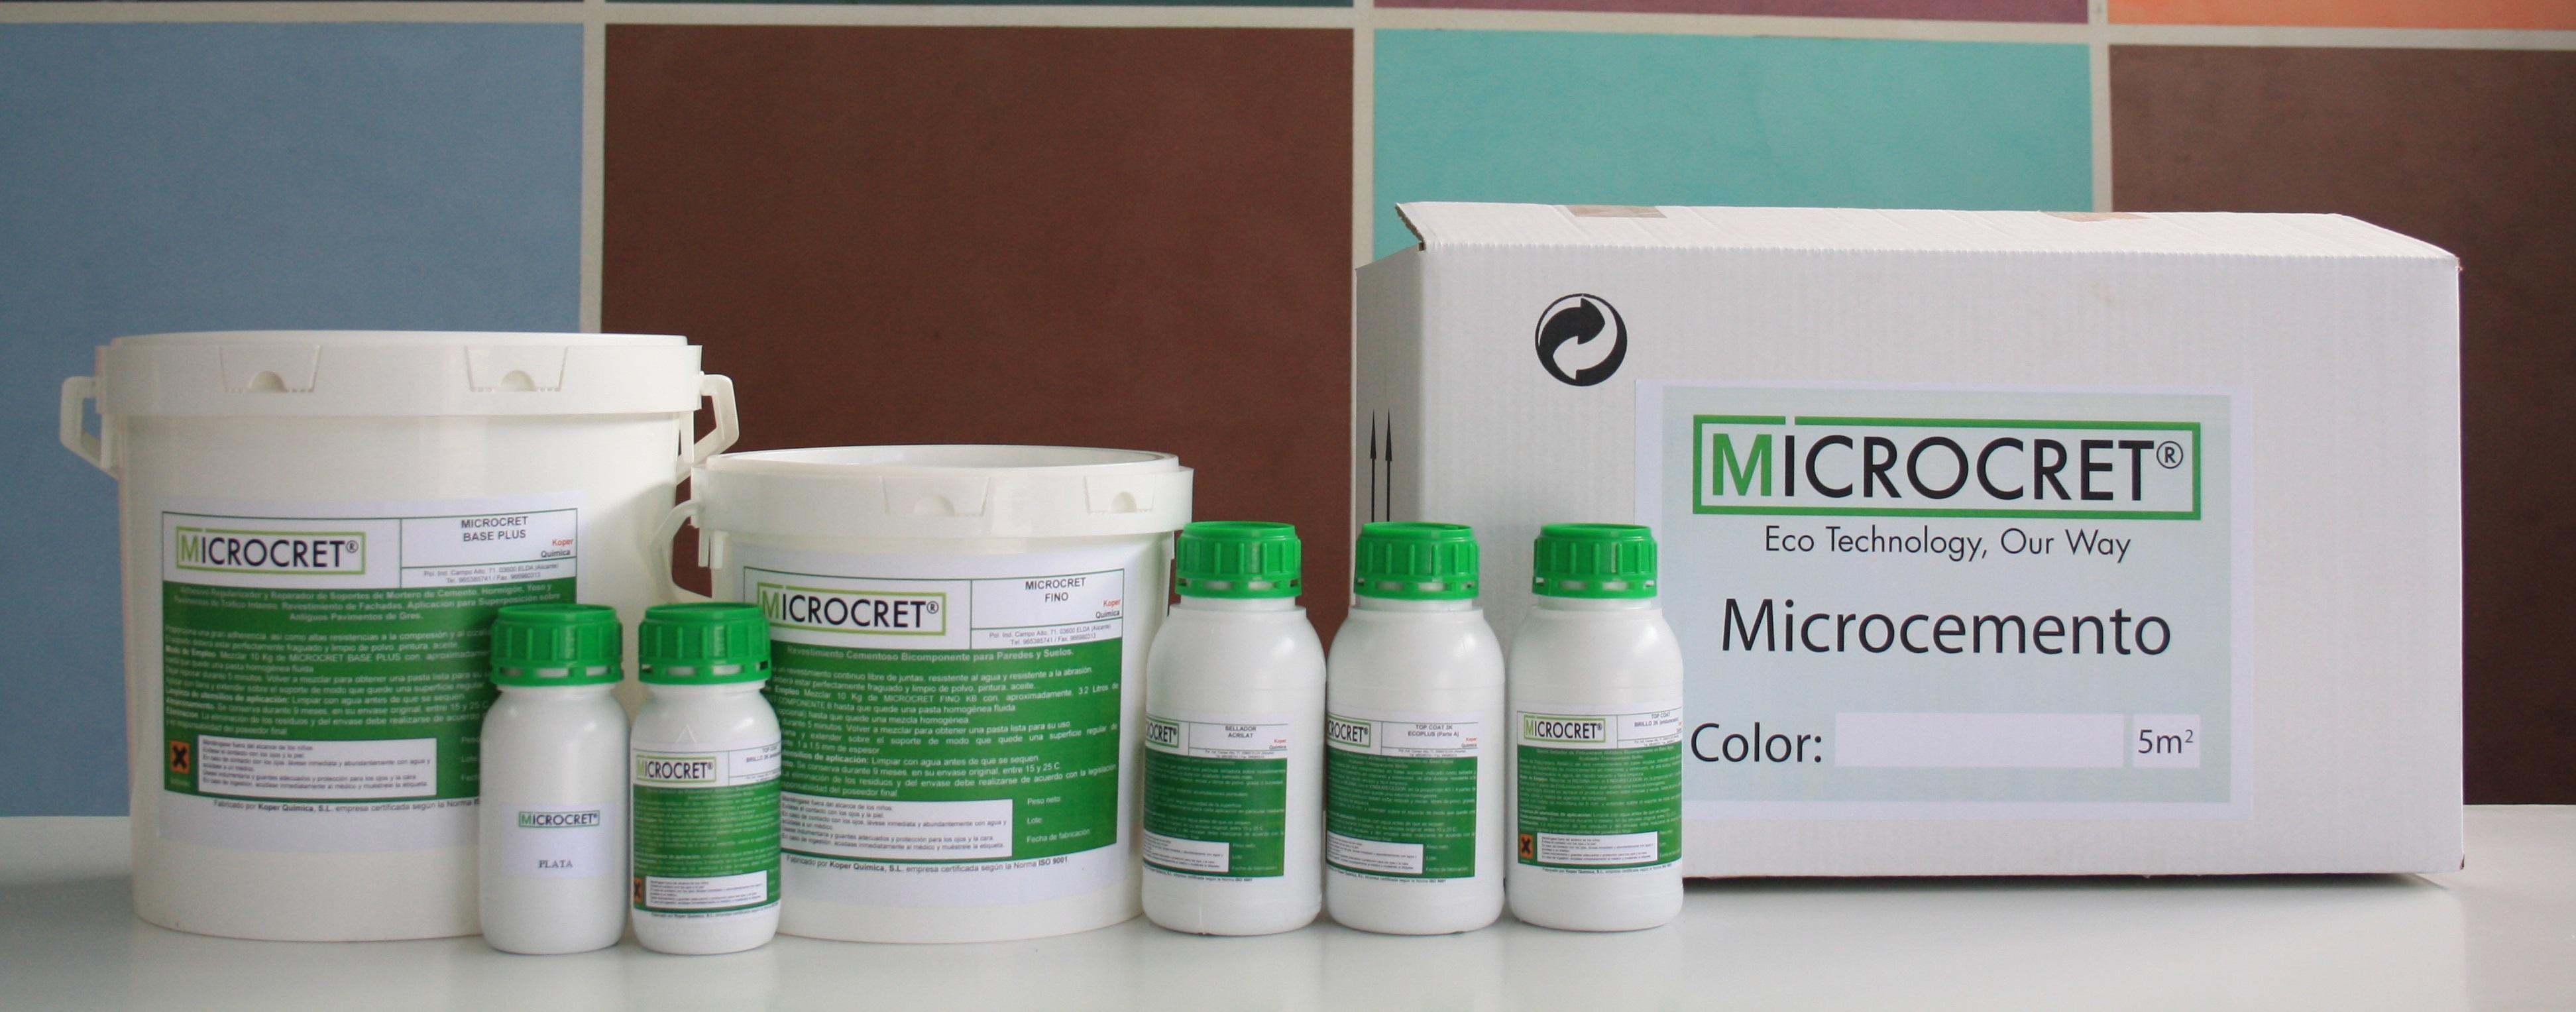 Oferta microcemento microcret tu empresa de microcemento en alicante - Microcemento alicante ...